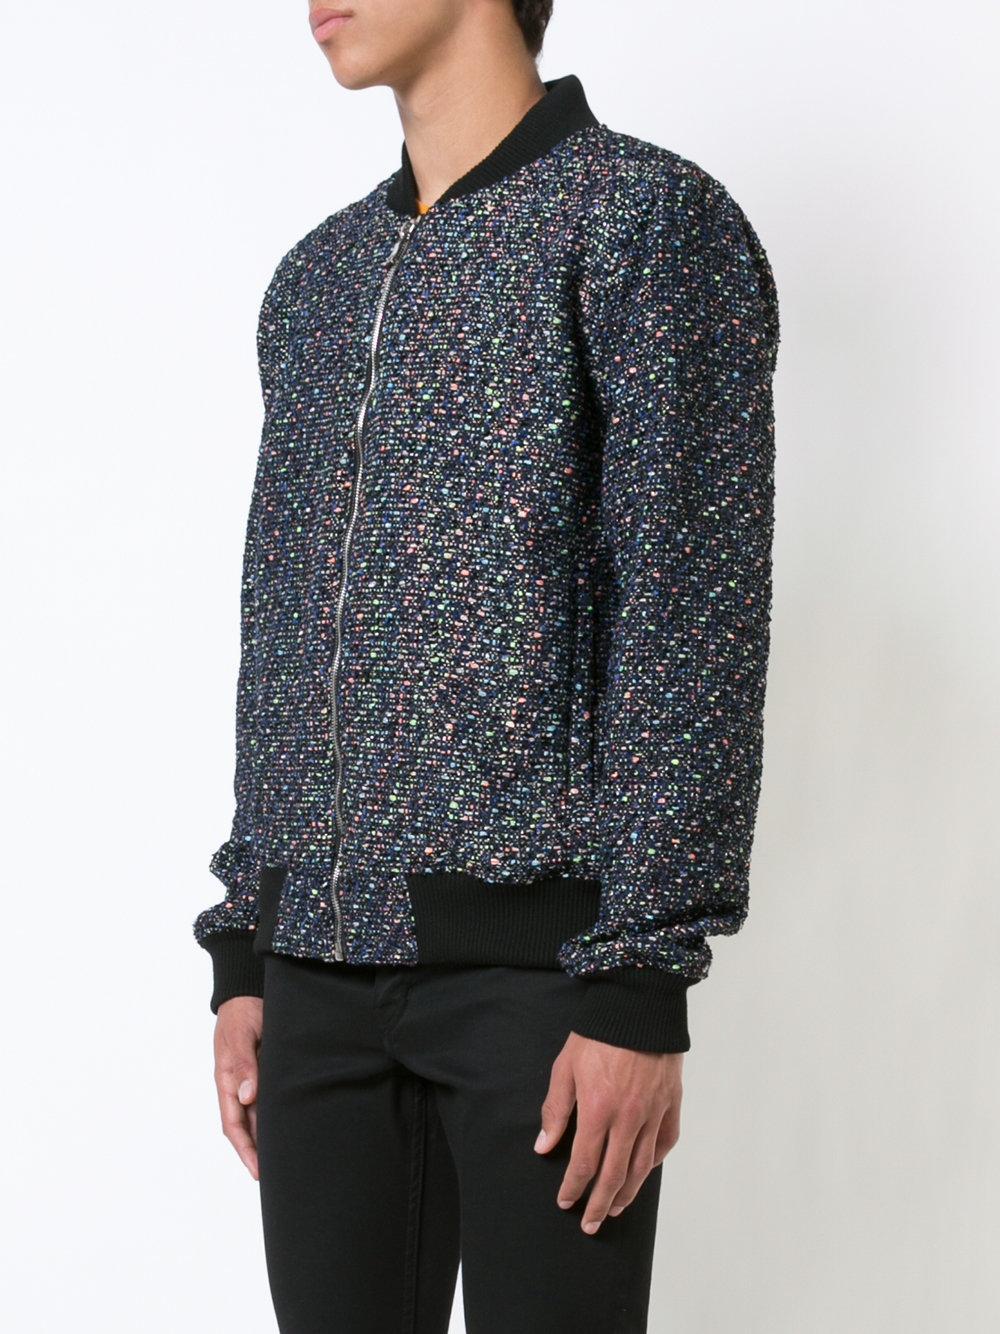 Philip Ayler Cotton Squad Bomber Jacket for Men